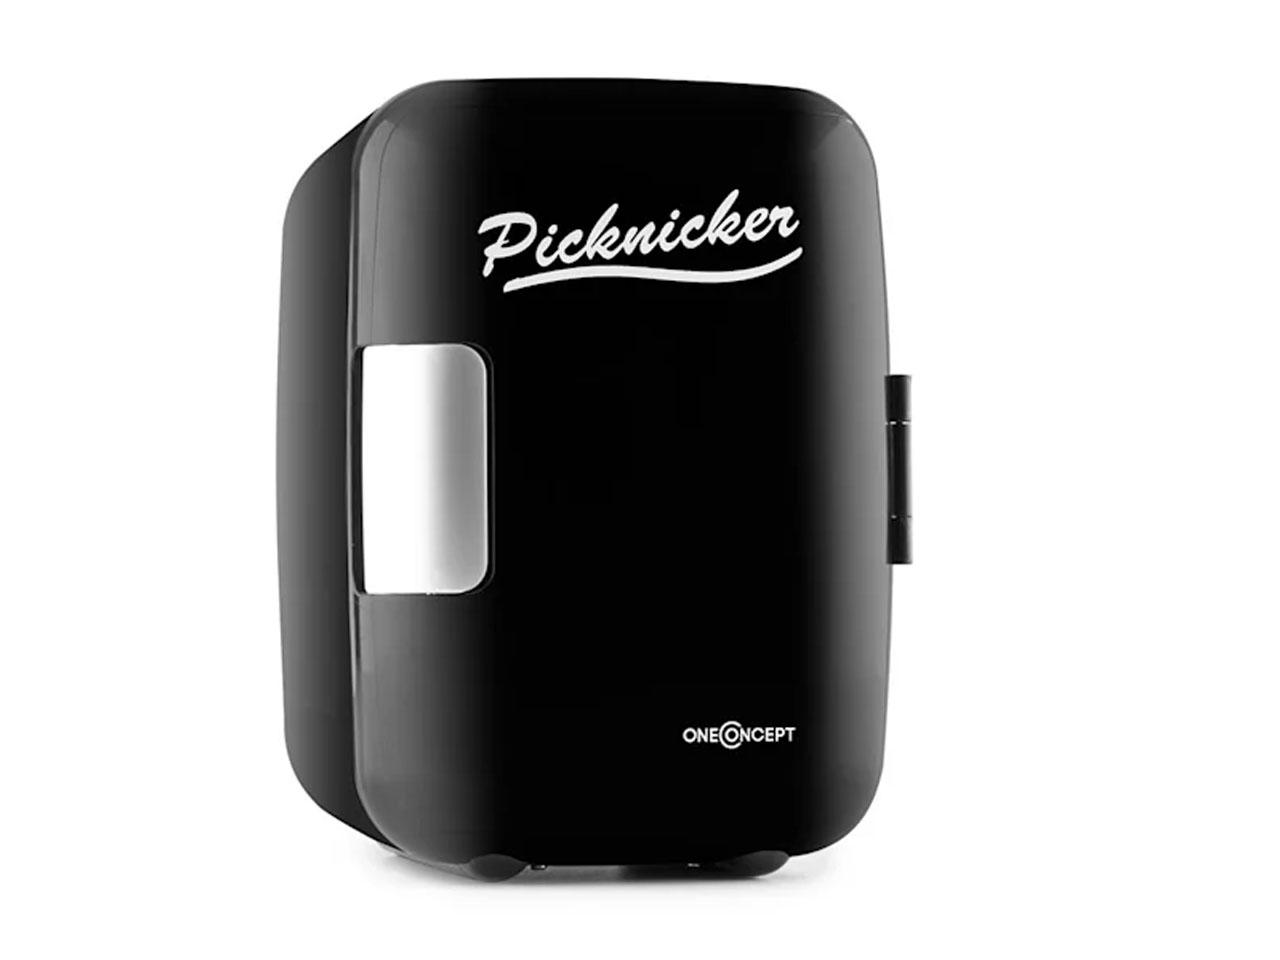 ONECONCEPT Picknicker 4 l, černý + záruka 3 roky!